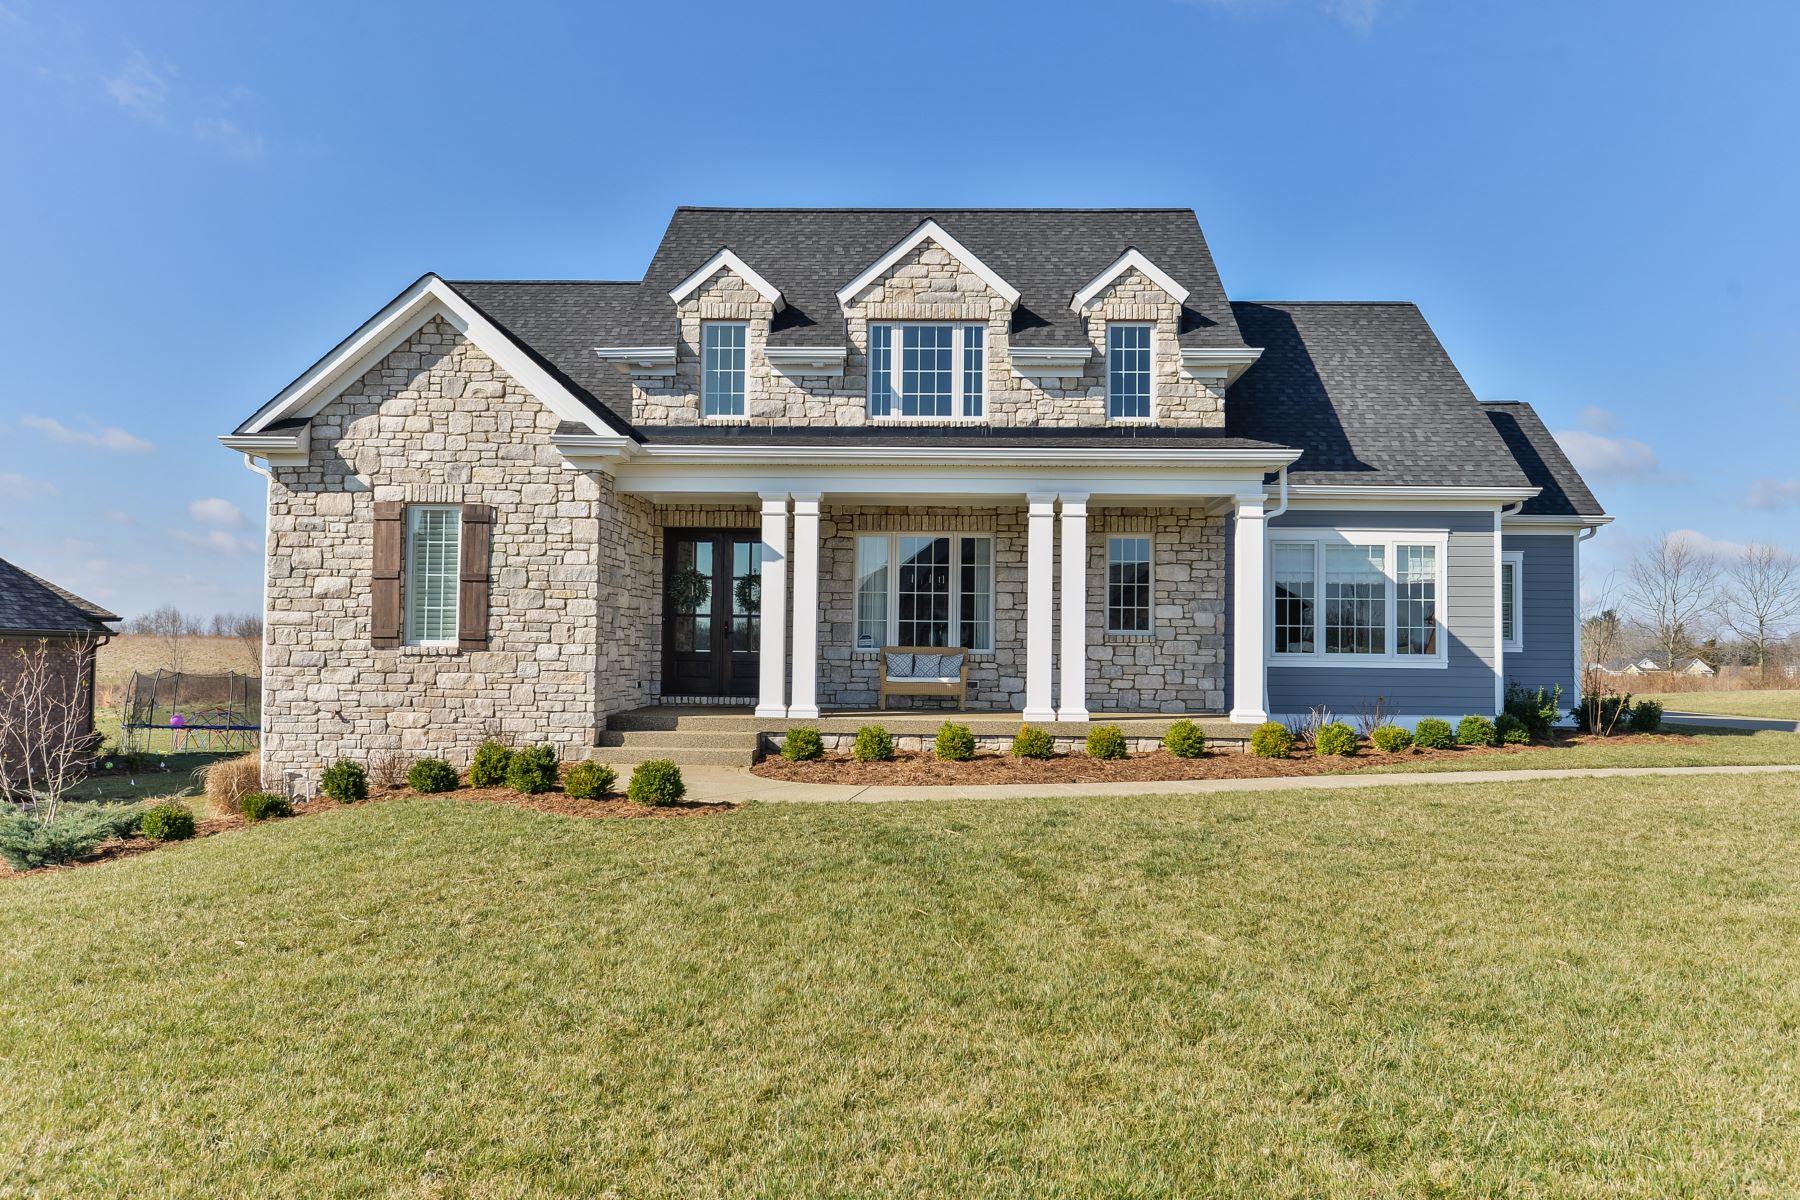 Частный односемейный дом для того Продажа на 12422 Poplar Woods Drive Goshen, Кентукки 40026 Соединенные Штаты